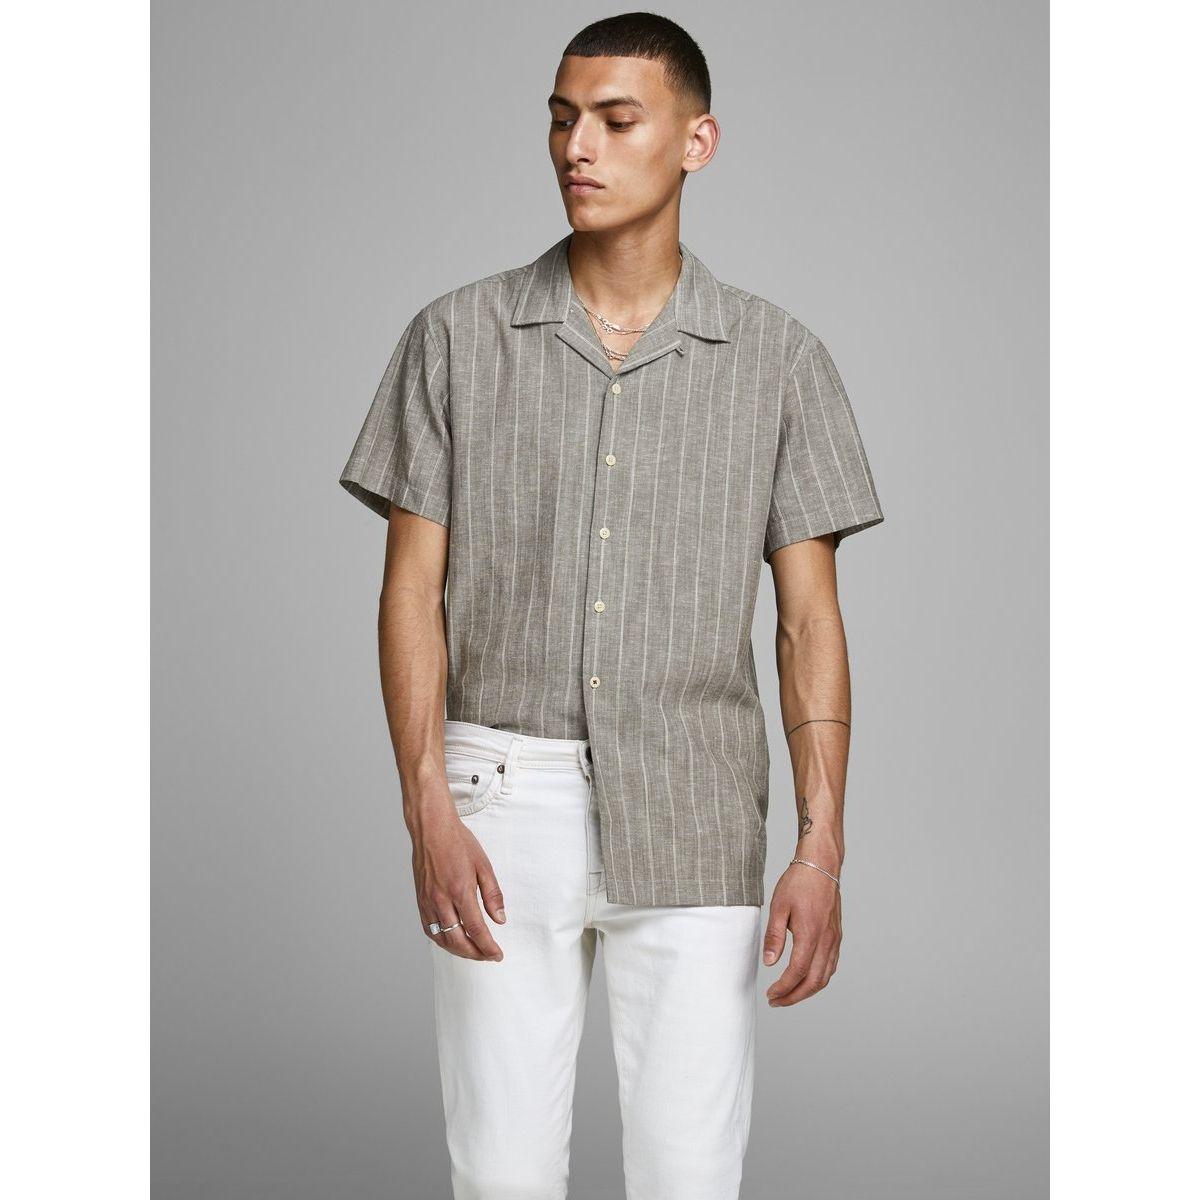 Chemise à manches courtes Lin mélangé col cubain